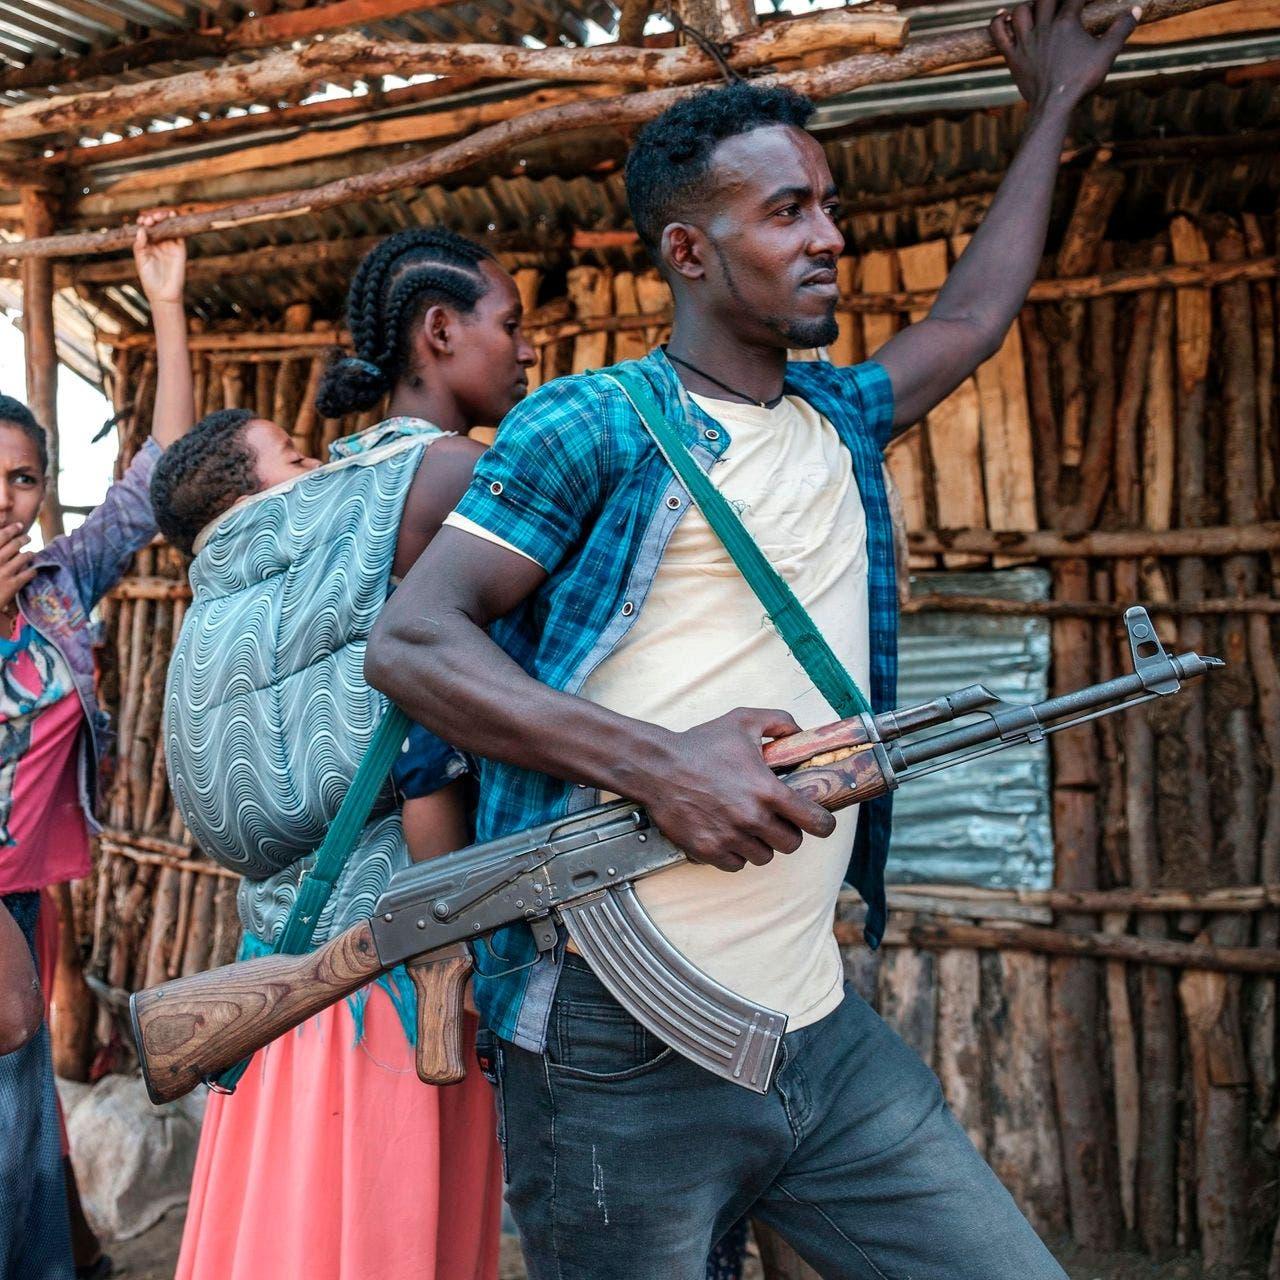 جبهة تحرير تيغراي تدخل عاصمة الإقليم بعد فرار حكومة إثيوبيا